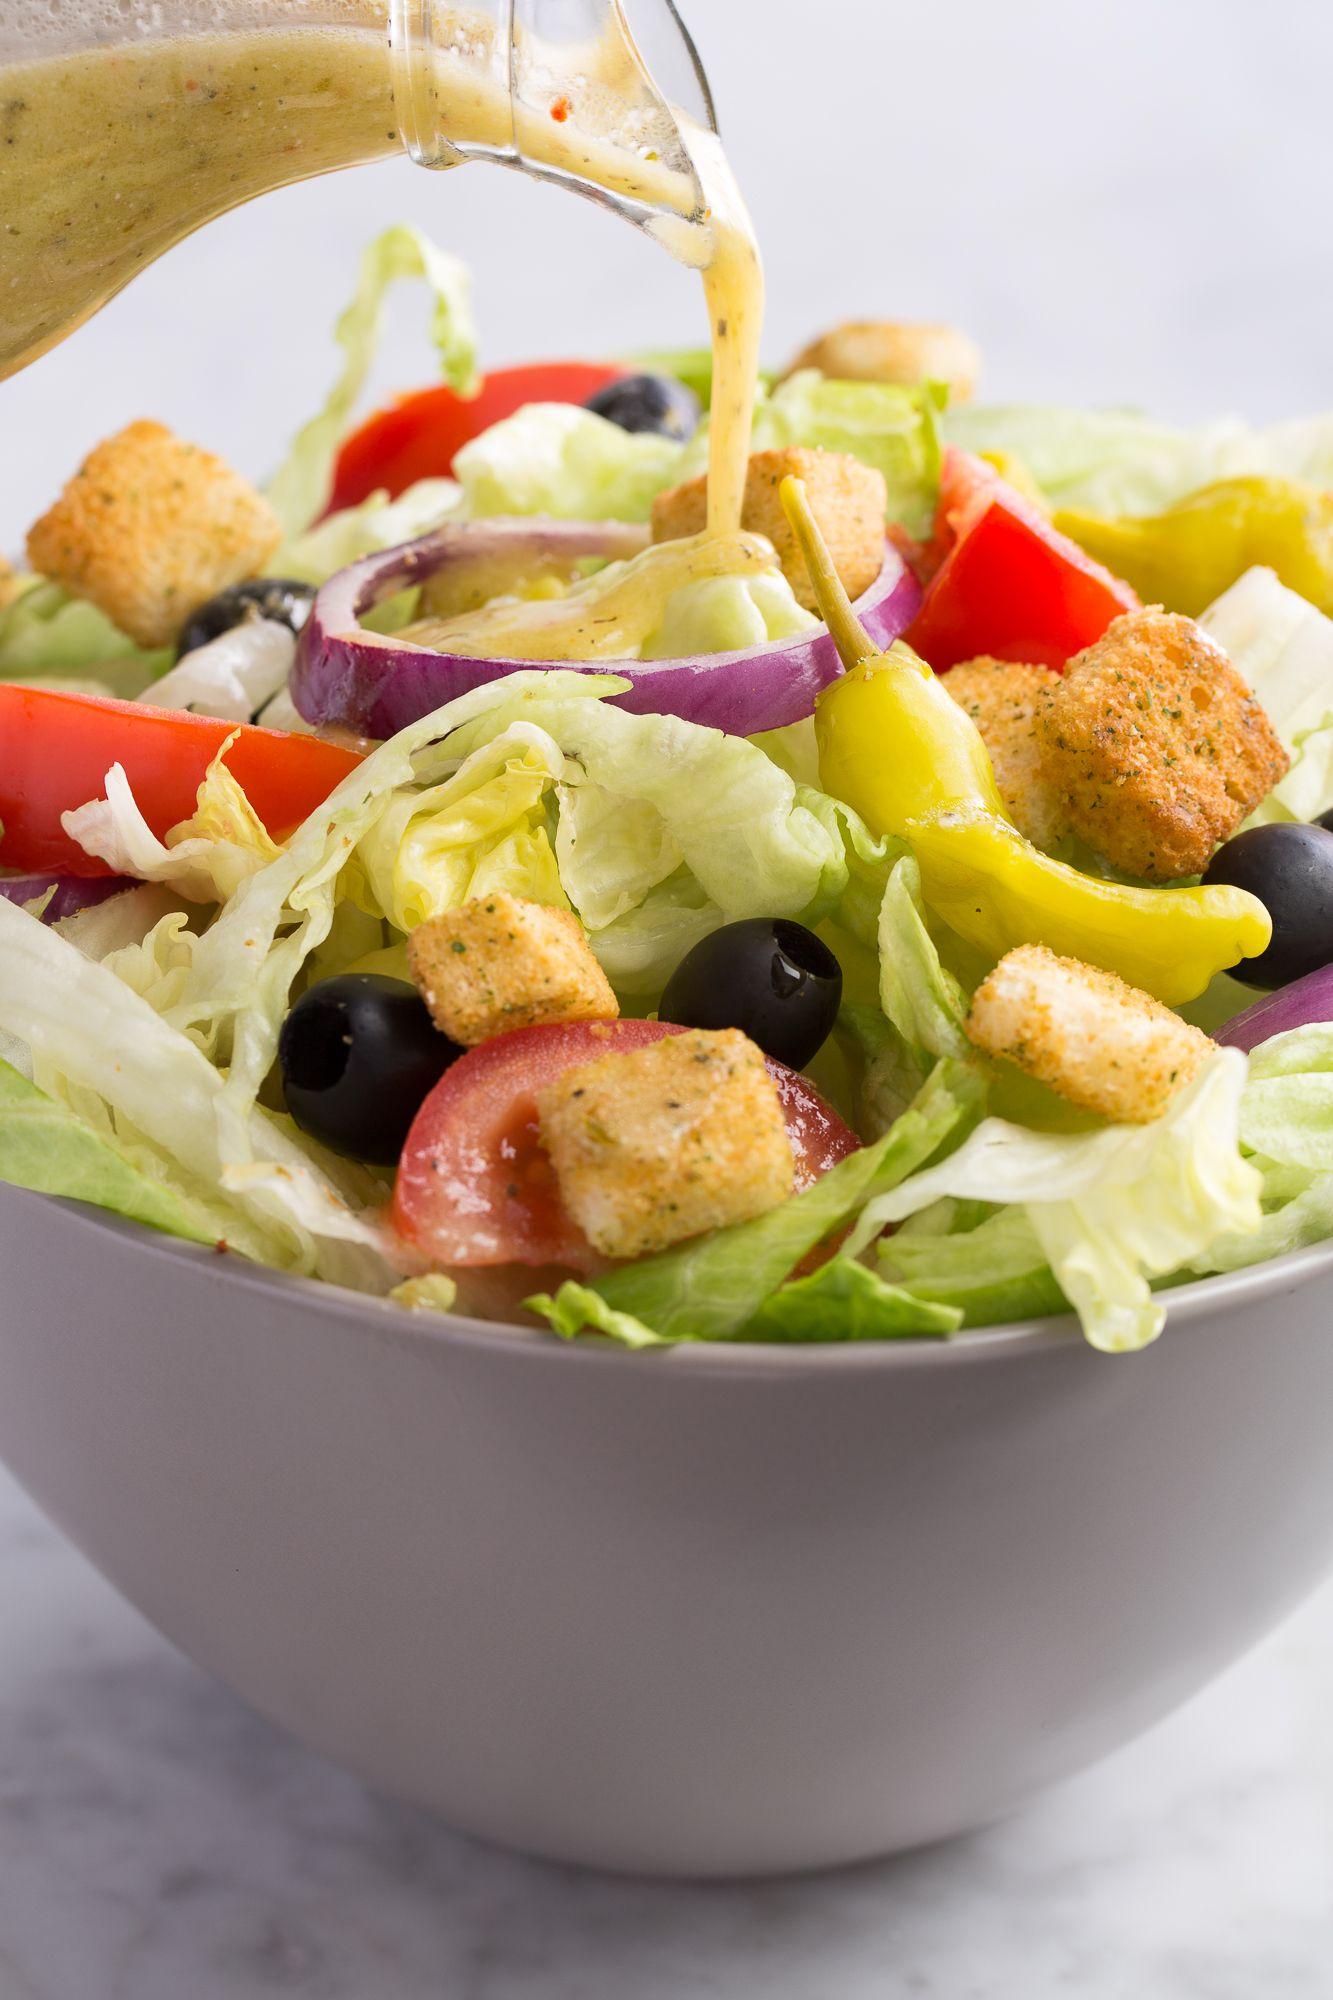 Best Copycat Olive Garden Salad Dressing Recipe How To Make Olive Garden Dressing